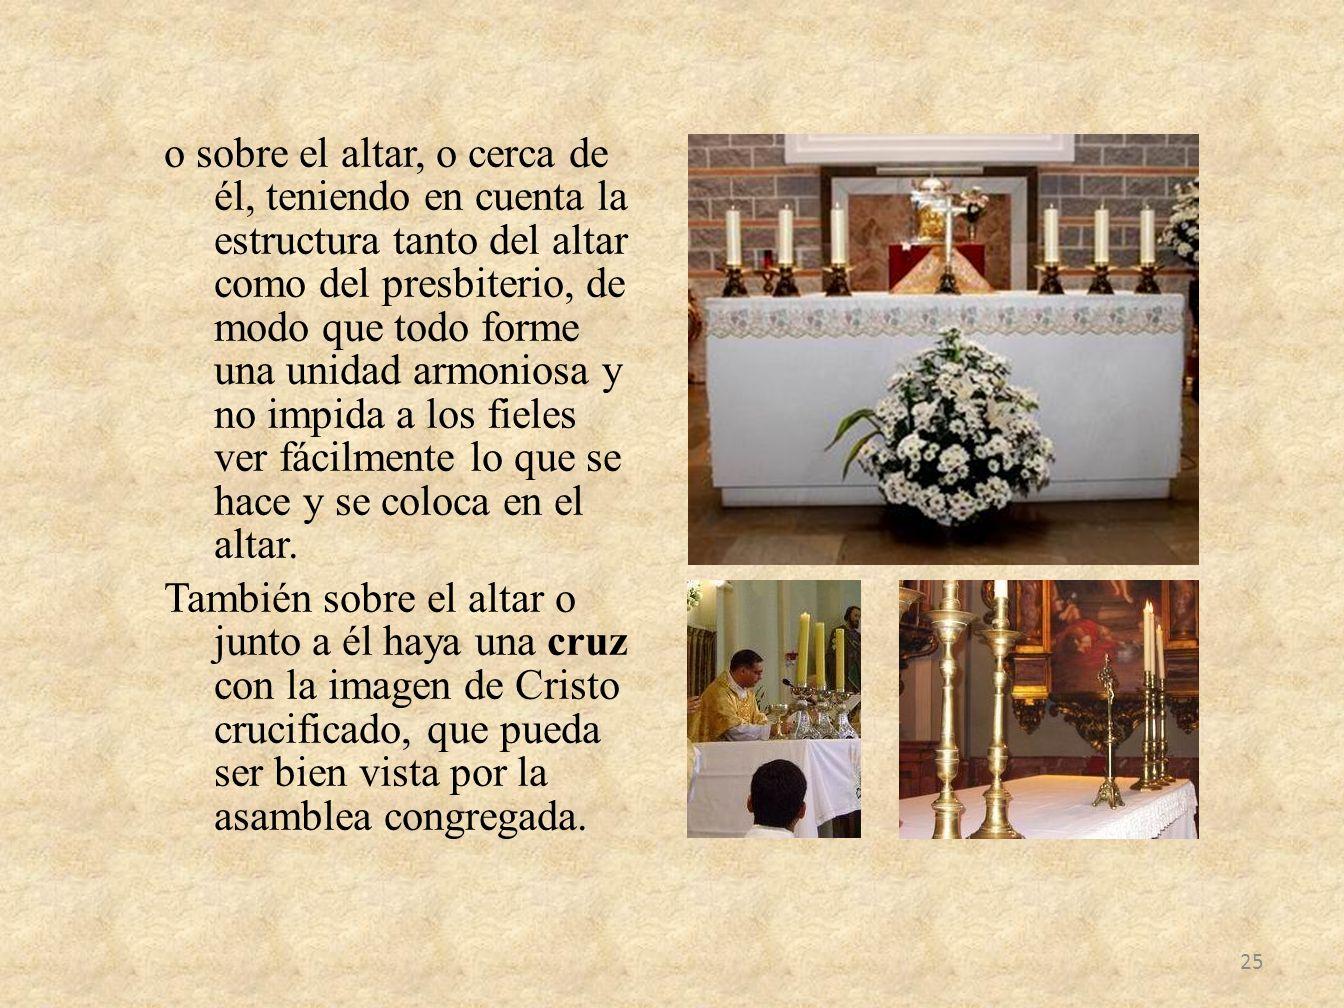 o sobre el altar, o cerca de él, teniendo en cuenta la estructura tanto del altar como del presbiterio, de modo que todo forme una unidad armoniosa y no impida a los fieles ver fácilmente lo que se hace y se coloca en el altar.